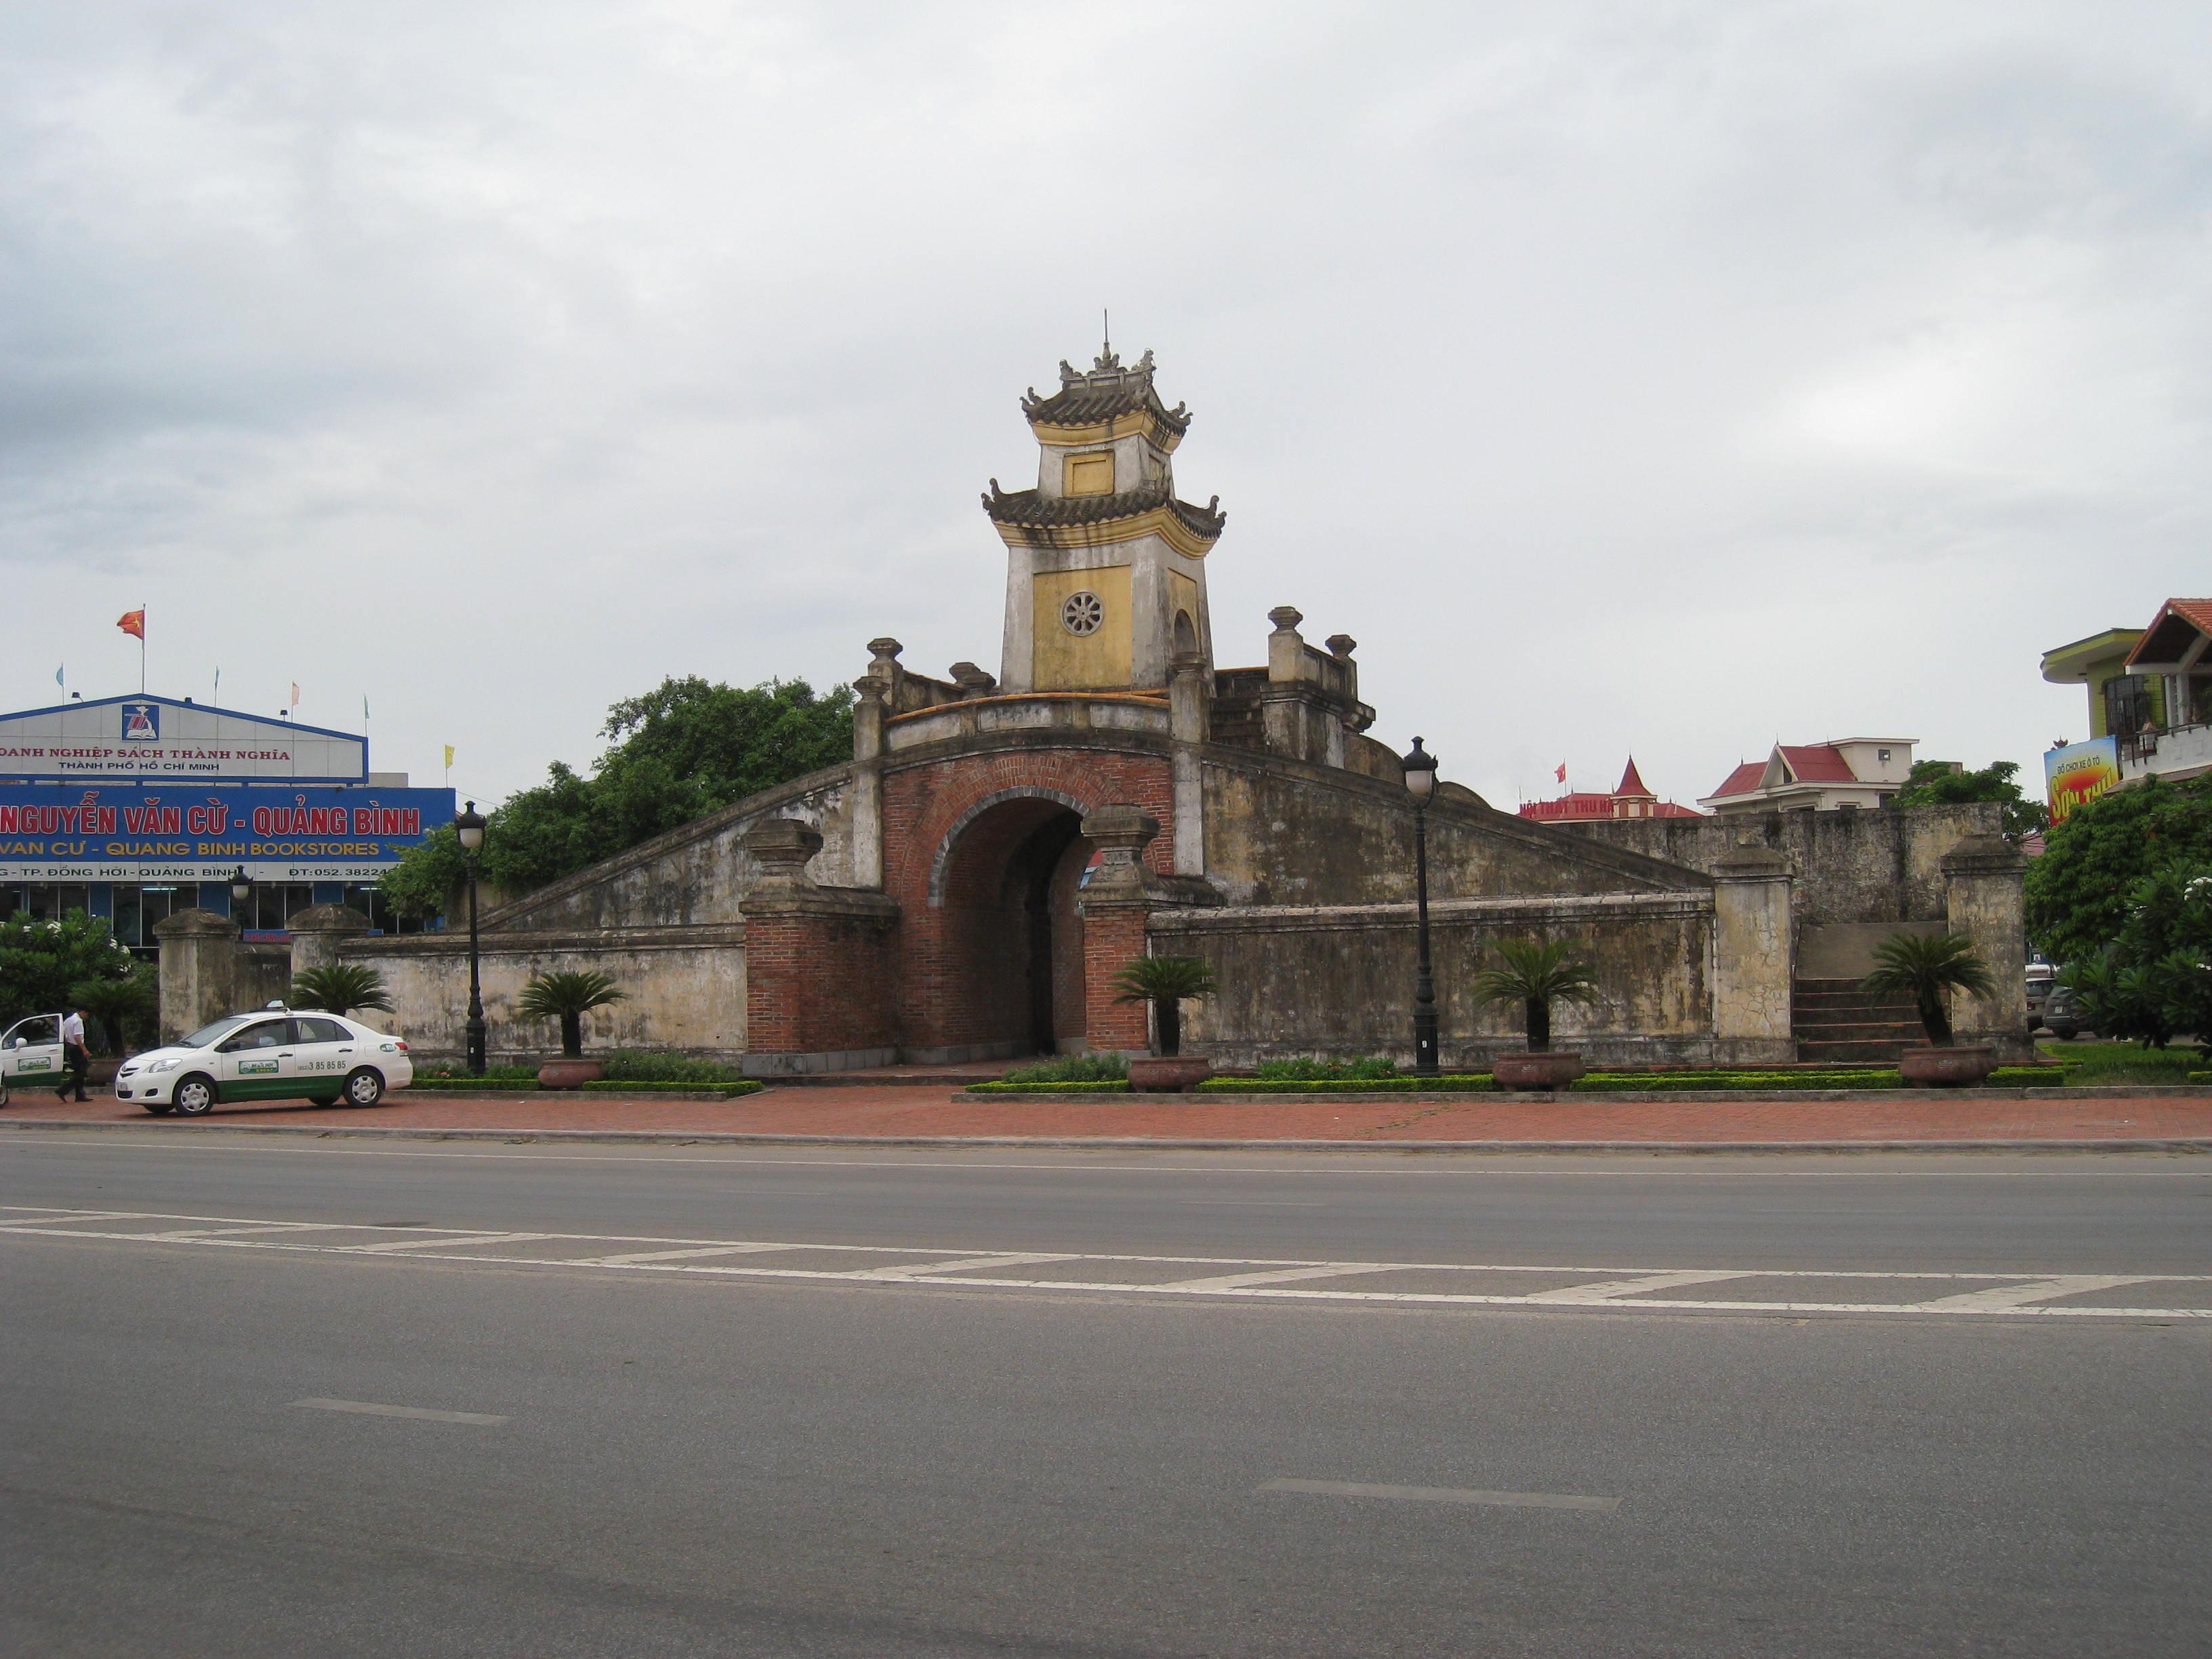 Bán nhớt Repsol giá rẻ tại Quảng Bình